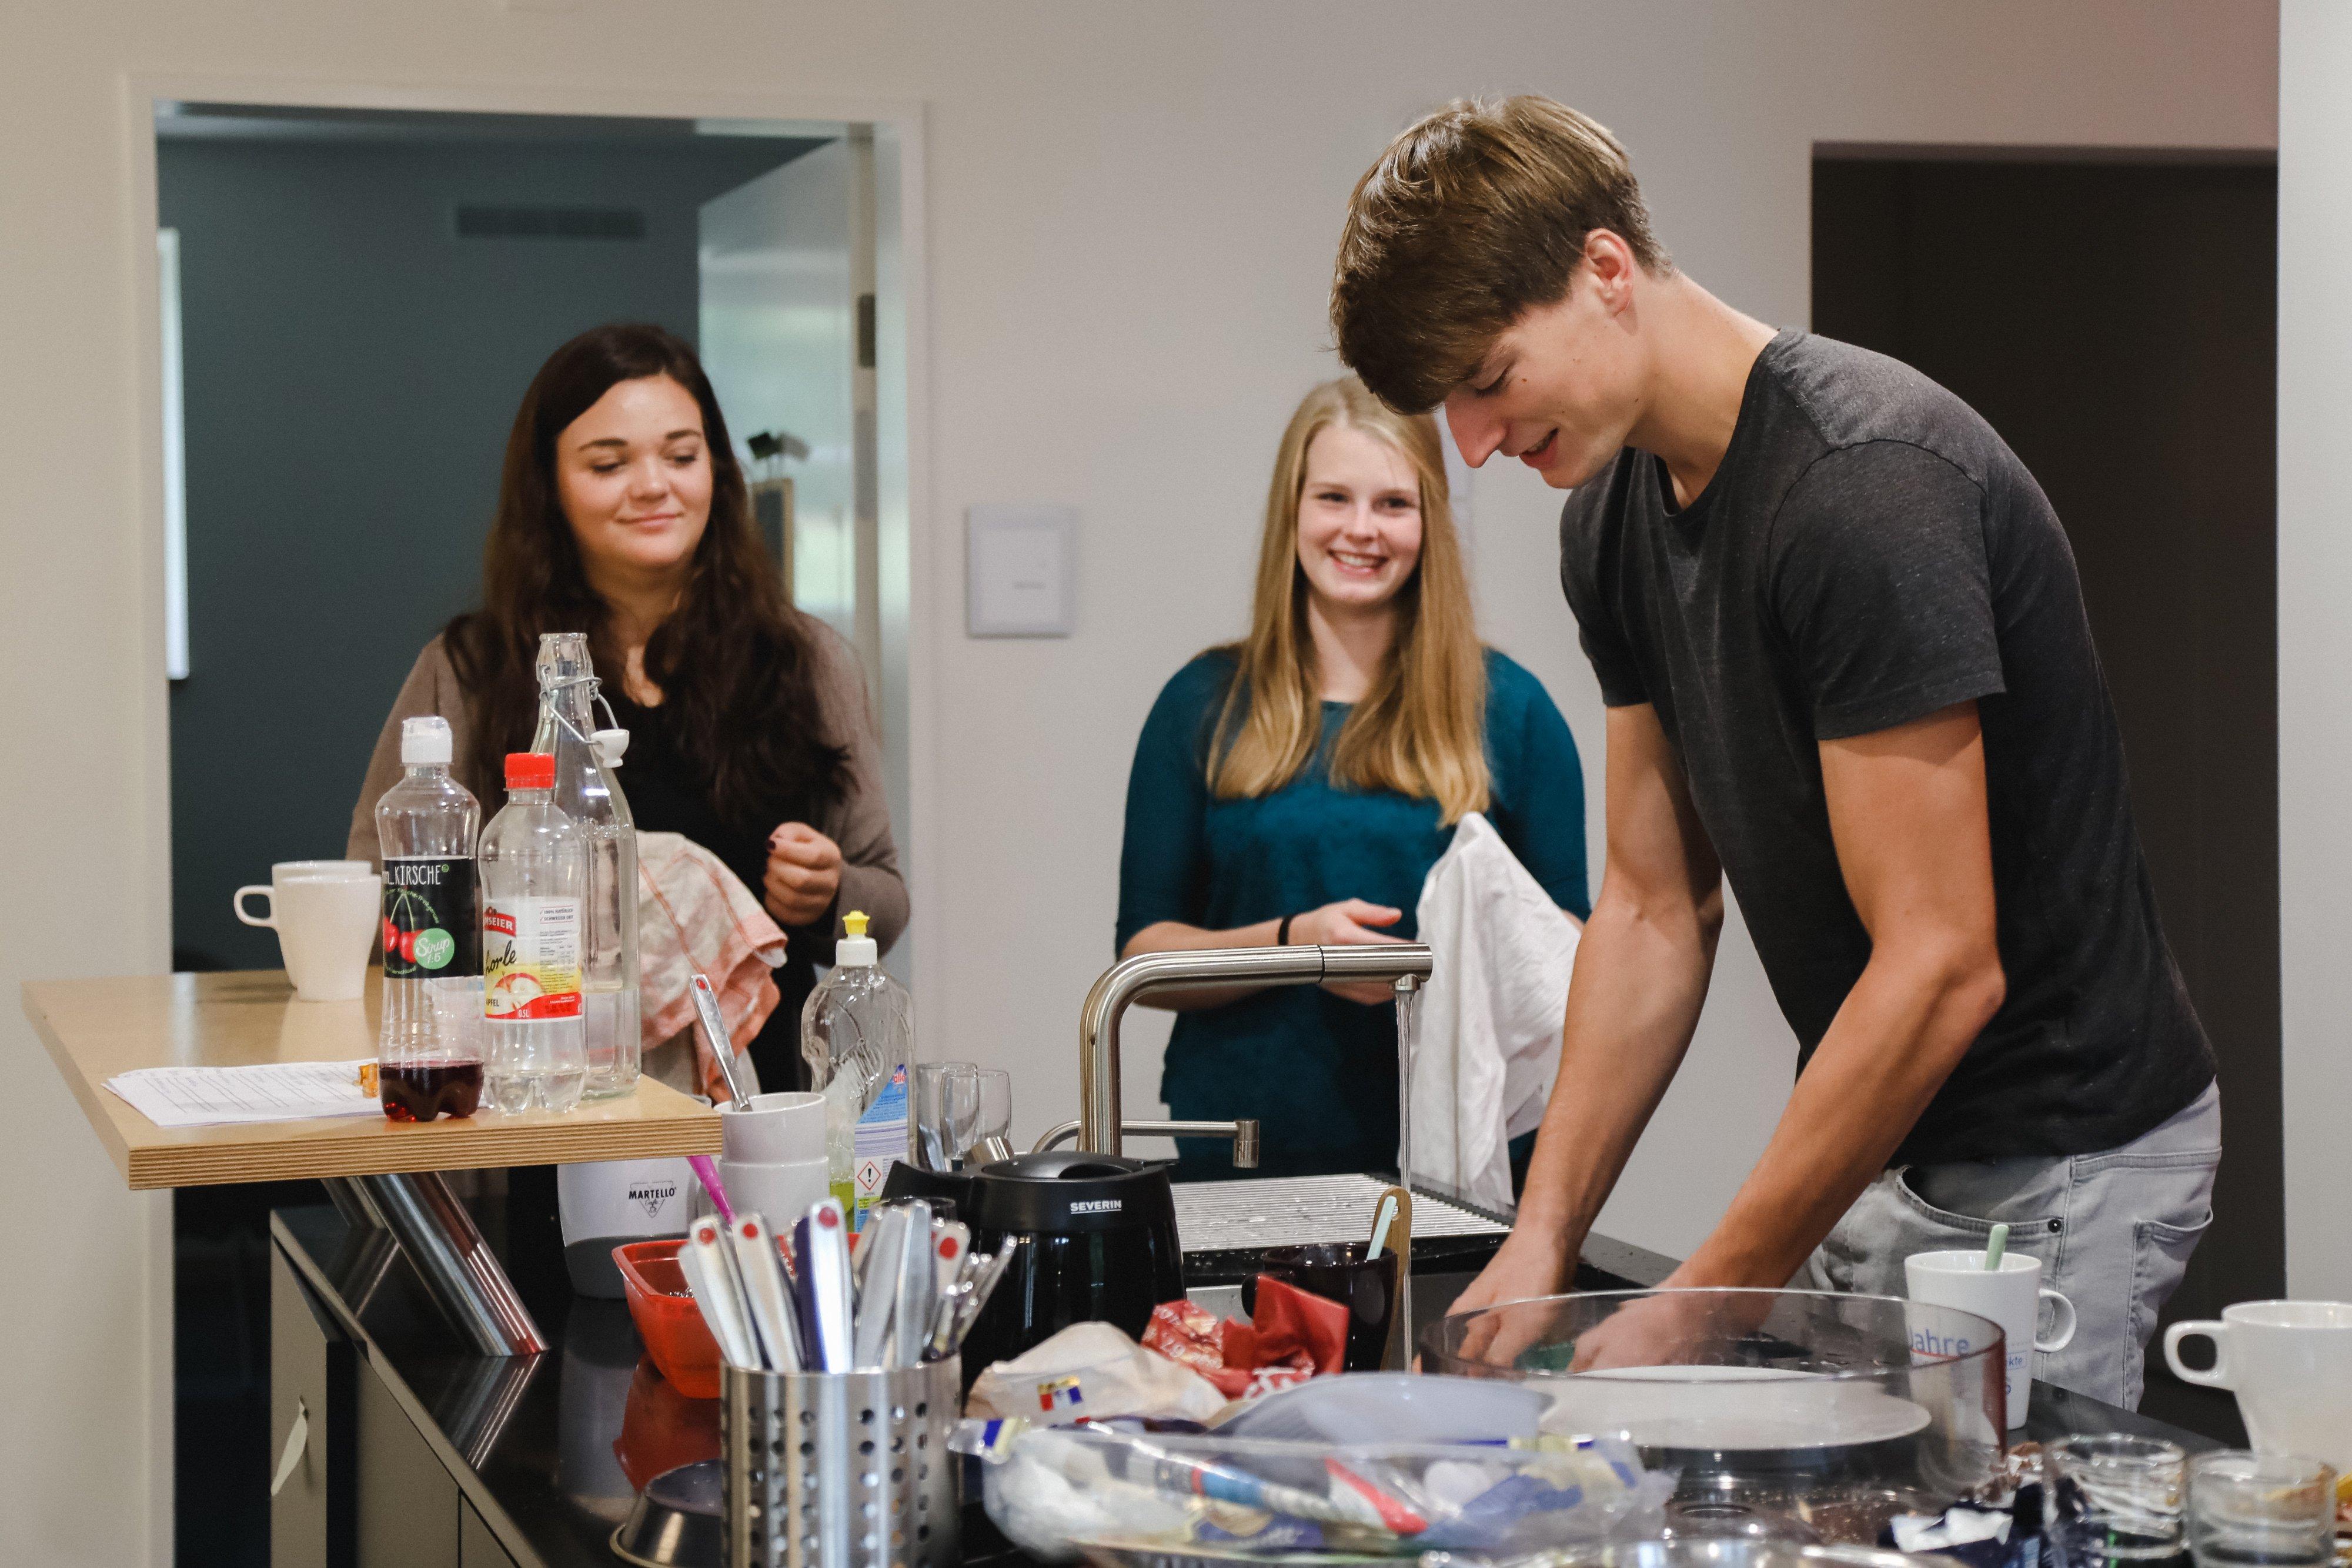 tsc-Studierende beim gemeinsamen Abwasch (Foto: Lichtspiel, Adine Schweizer)